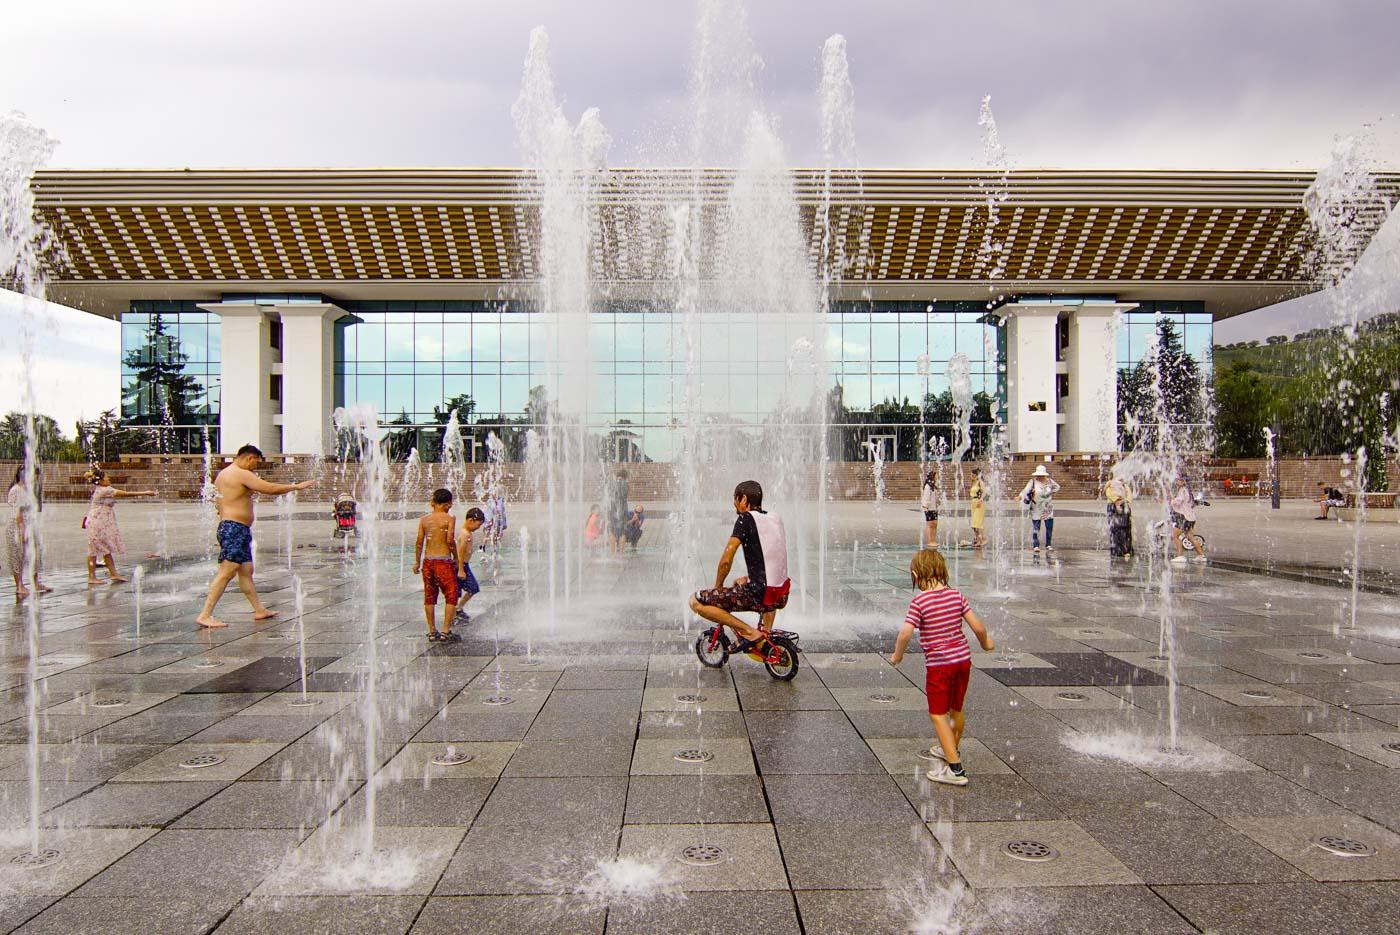 Vor dem Palast der Republik in Almaty befinden sich mehrere Springbrunnen. auf dem Bild ist zu sehen wie Paul auf Luk Kinderfahrrad durch die Wasser Fontänen radelt. Viele Kinder und Erwachsene springen durch die Wasserstrahlen.